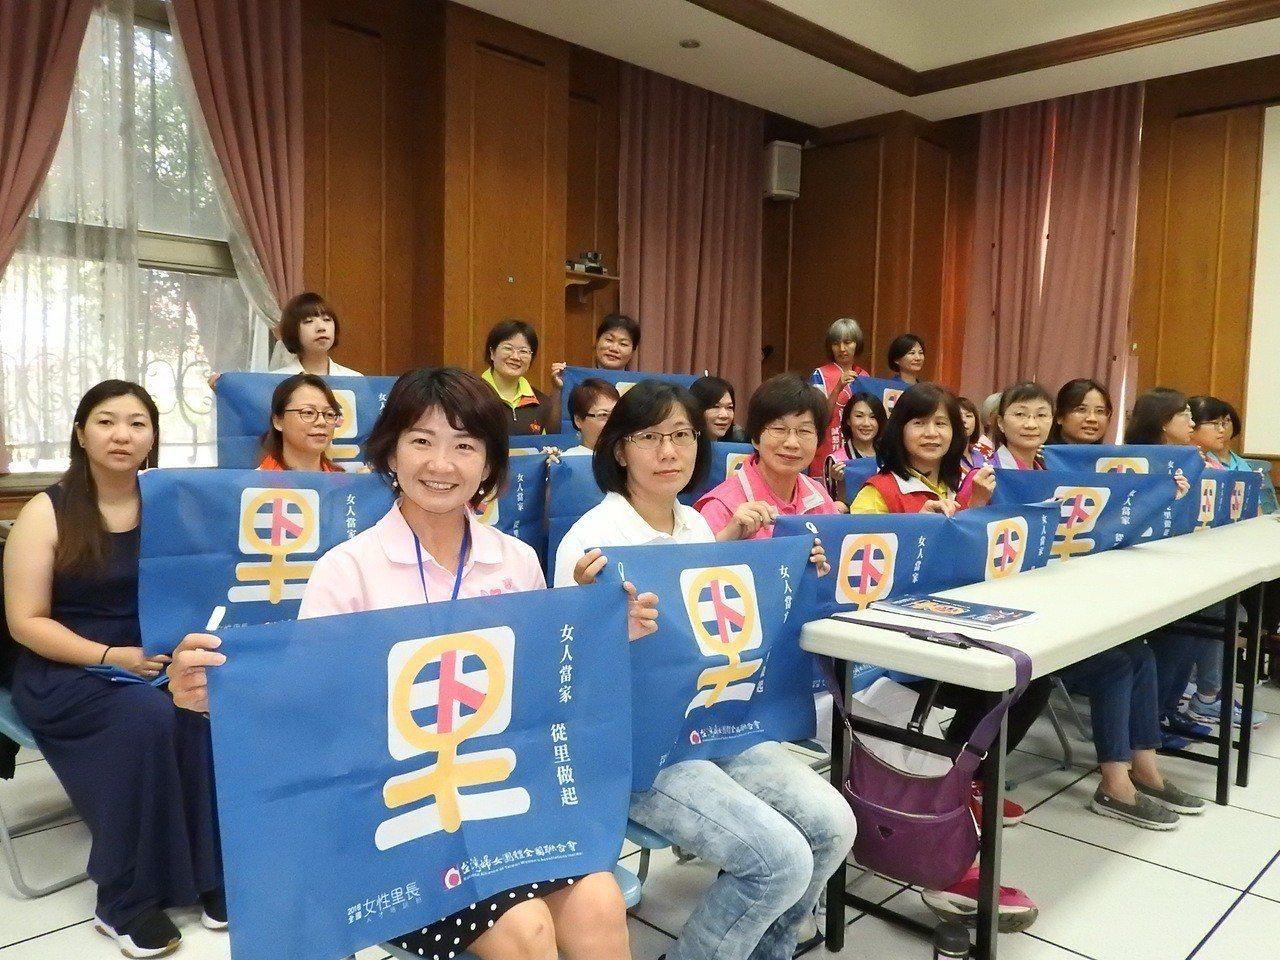 台灣婦女團體全國聯合會今為女性里長人才培訓訓練營學員授旗,高喊「女人當家、從里做...